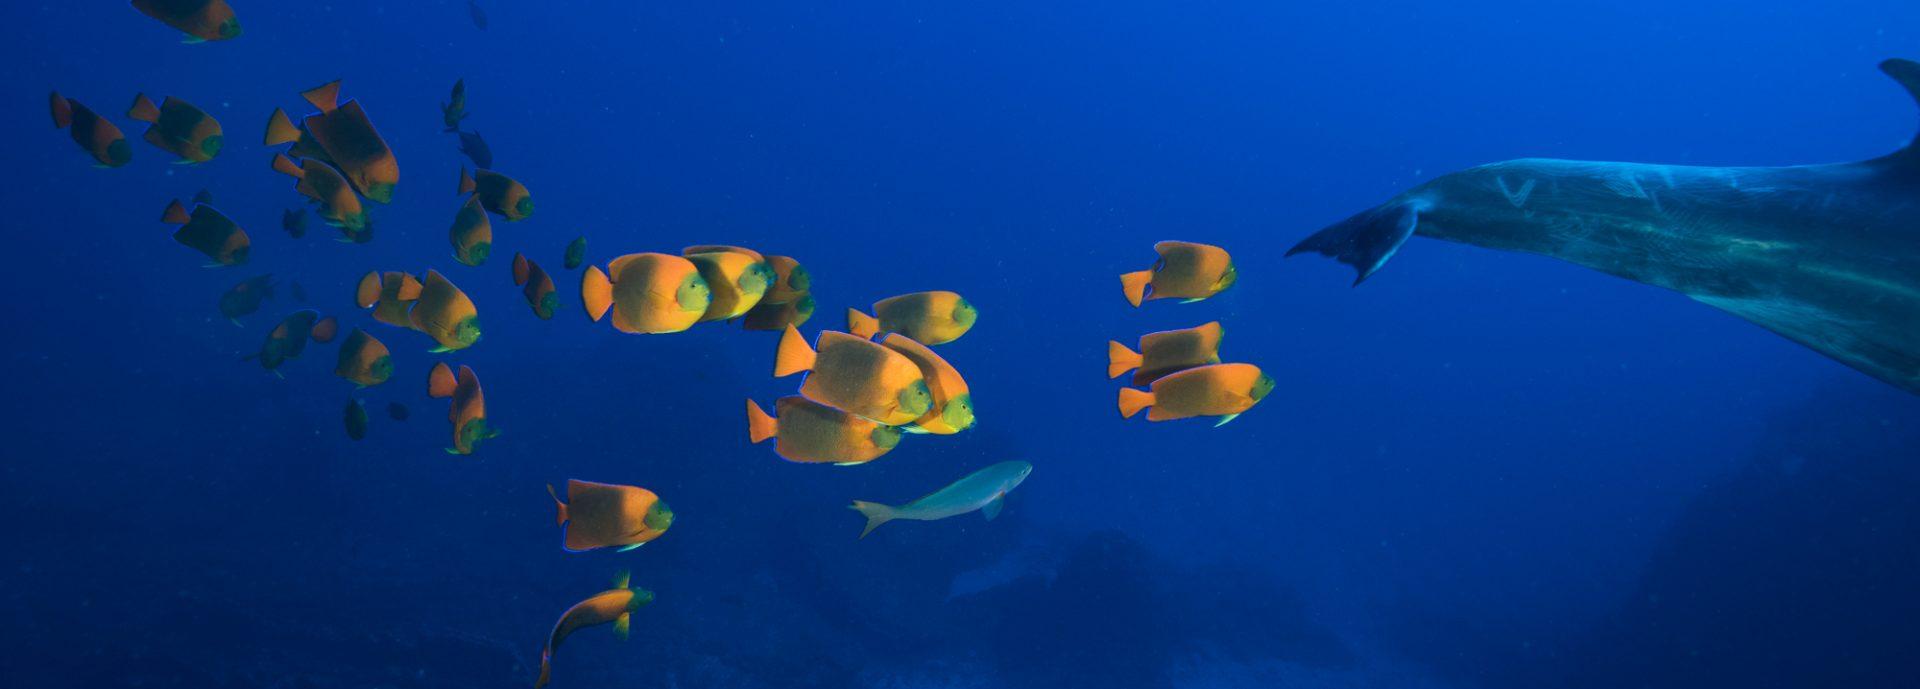 The Azul Ocean